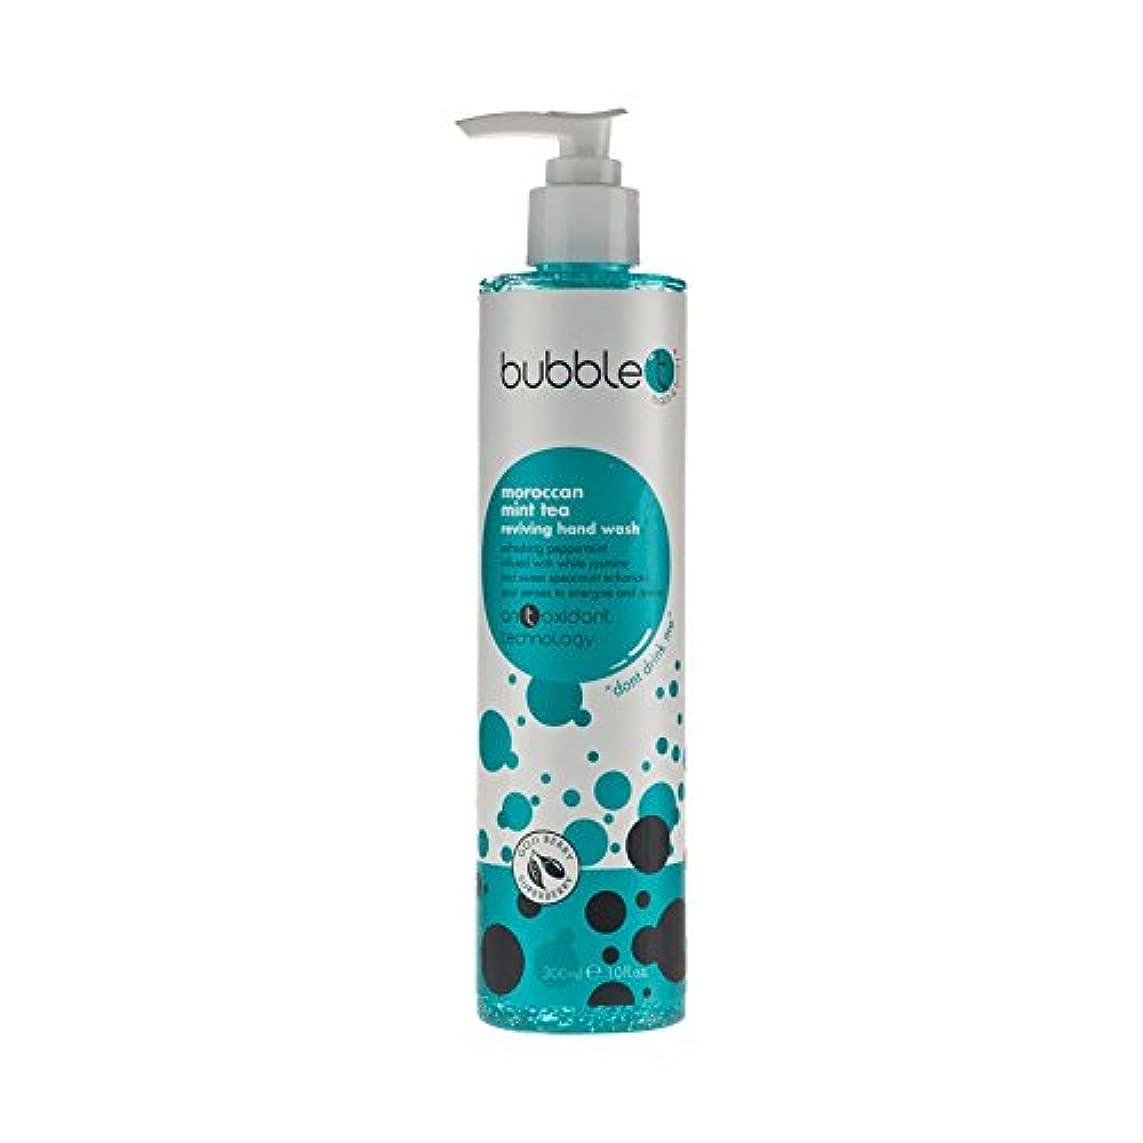 爆発物正しく証拠Bubble T Hand Wash Morrocan Mint 300ml (Pack of 6) - バブルトン手洗いモロッコミント300ミリリットル (x6) [並行輸入品]